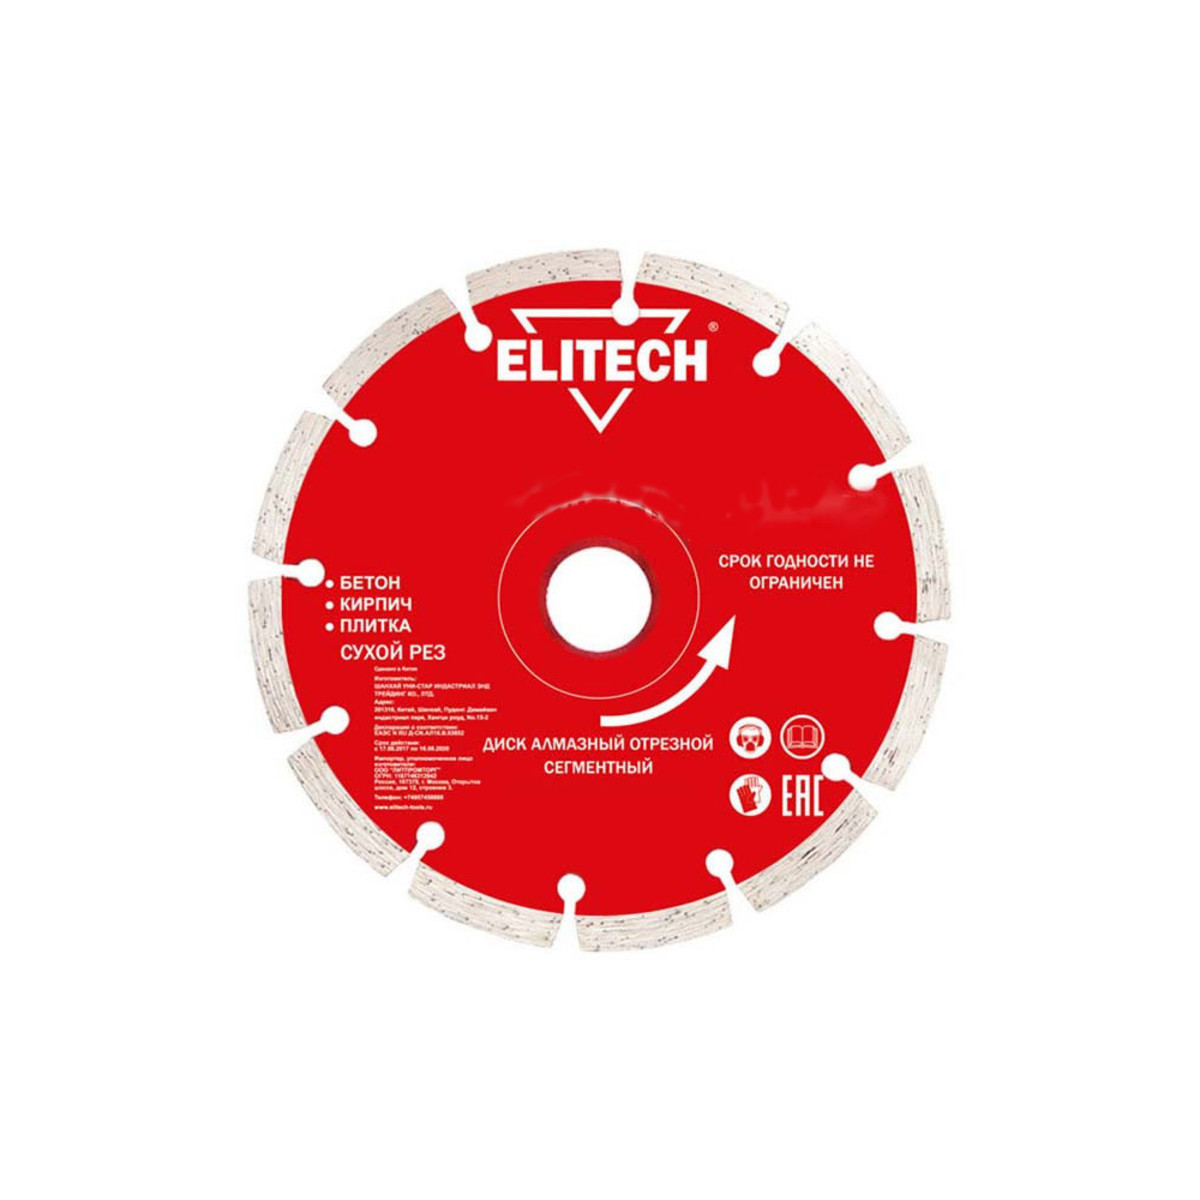 Диск Алмазный Elitech 115Х22Х20 18200578